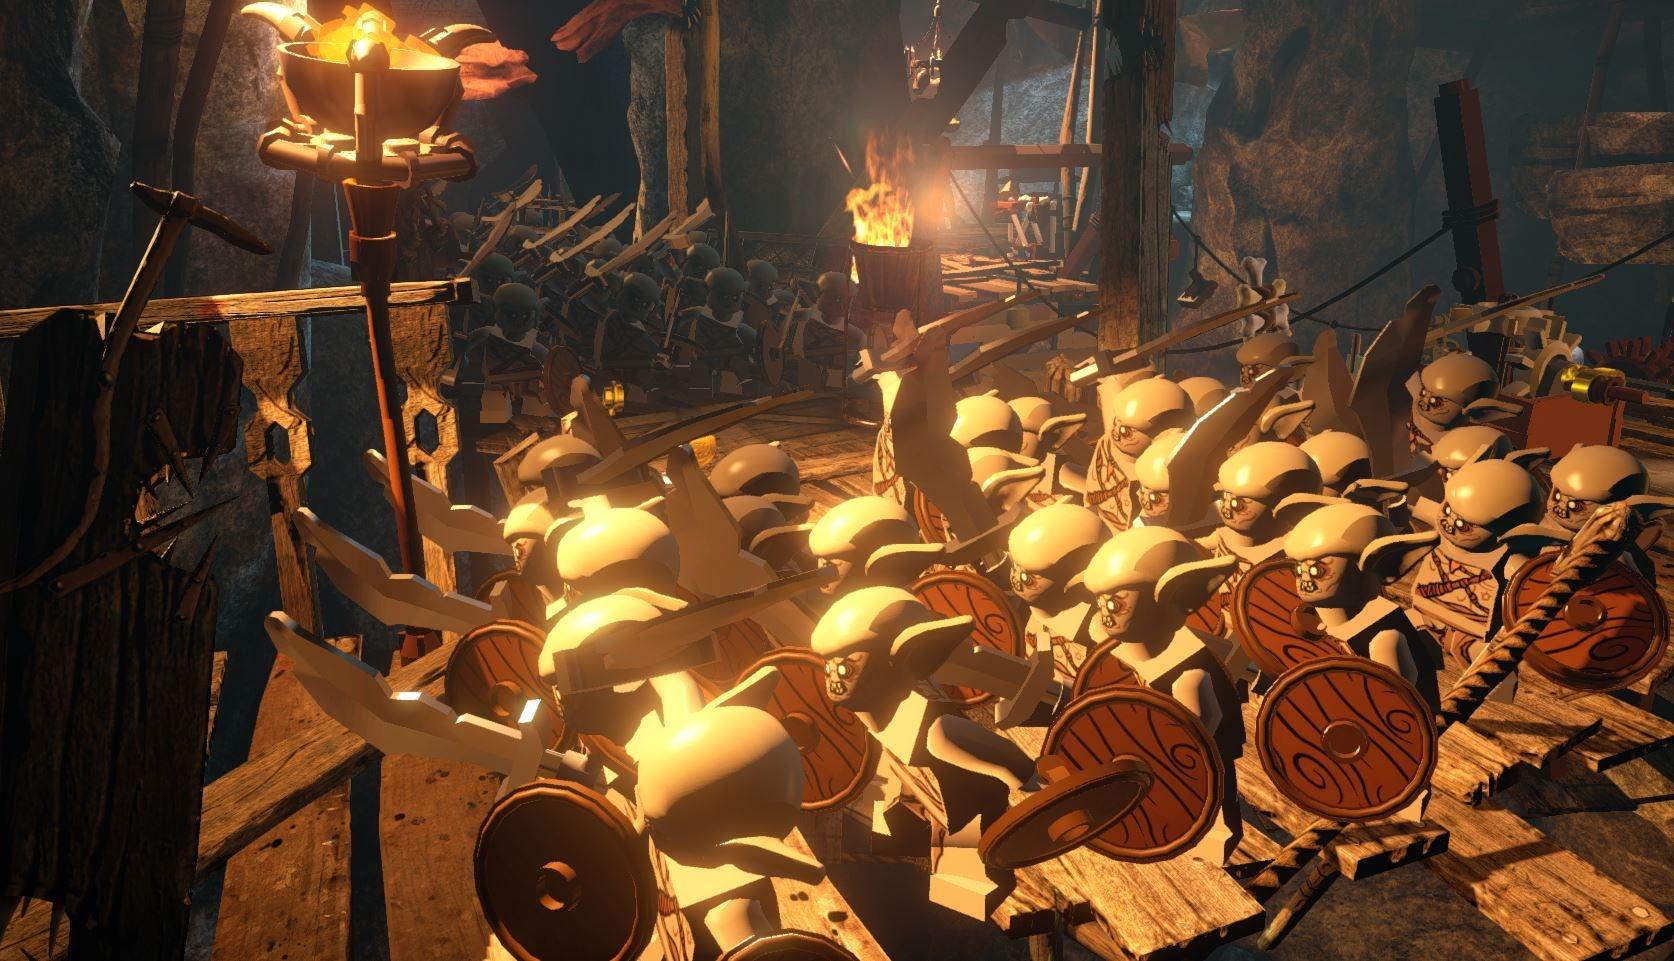 Lego The Hobbit desktop wallpaper 3 of 15 Video Game Wallpapers 1674x961